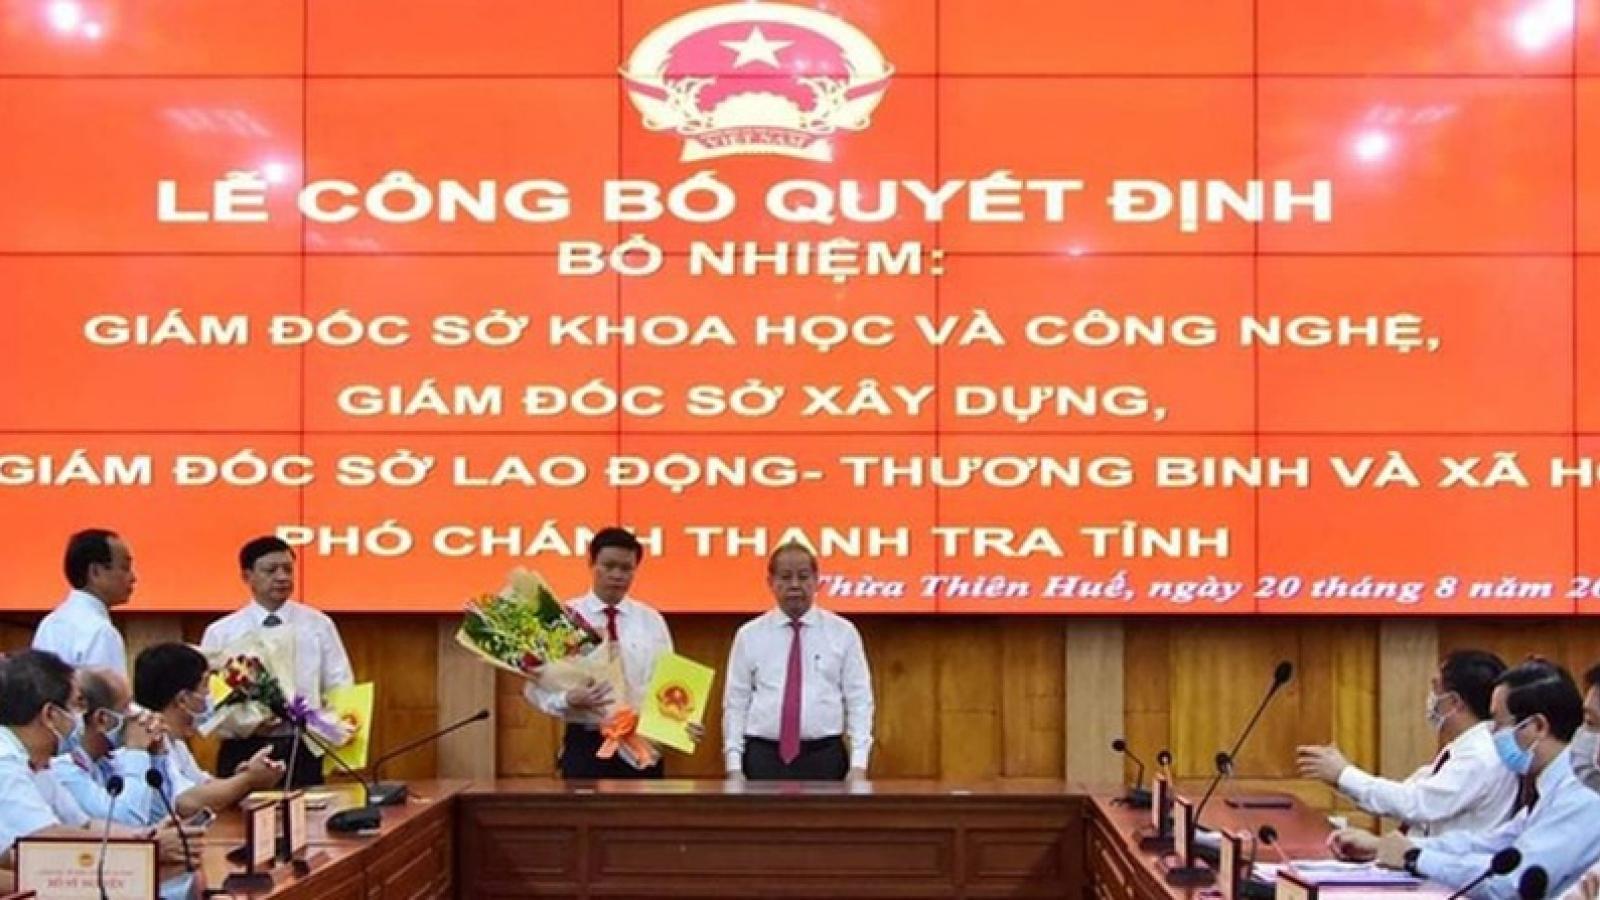 Thừa Thiên Huế bổ nhiệm cán bộ chủ chốt 4 sở, ngành